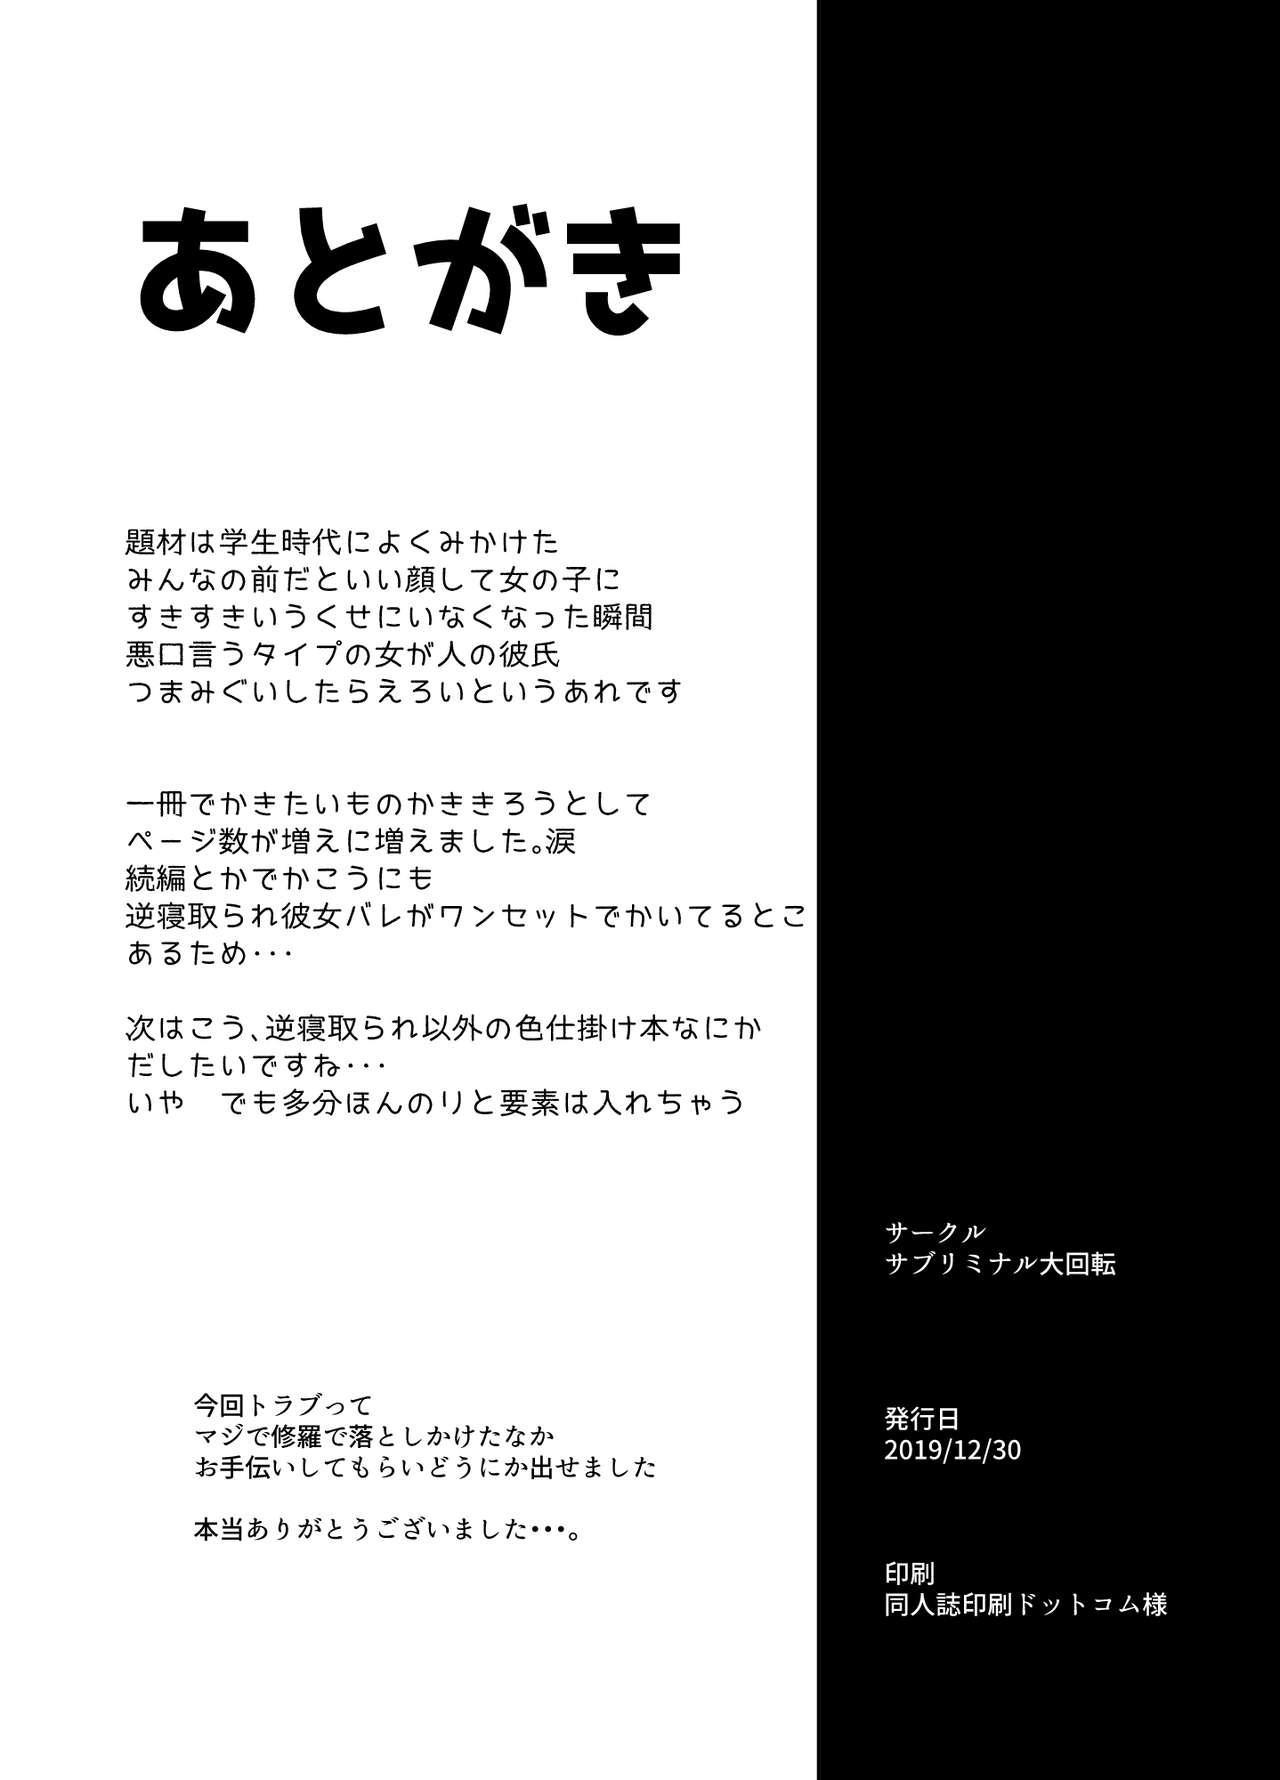 Kanojo no Bukatsu no Daibu Ijiwaru na Senpai 37